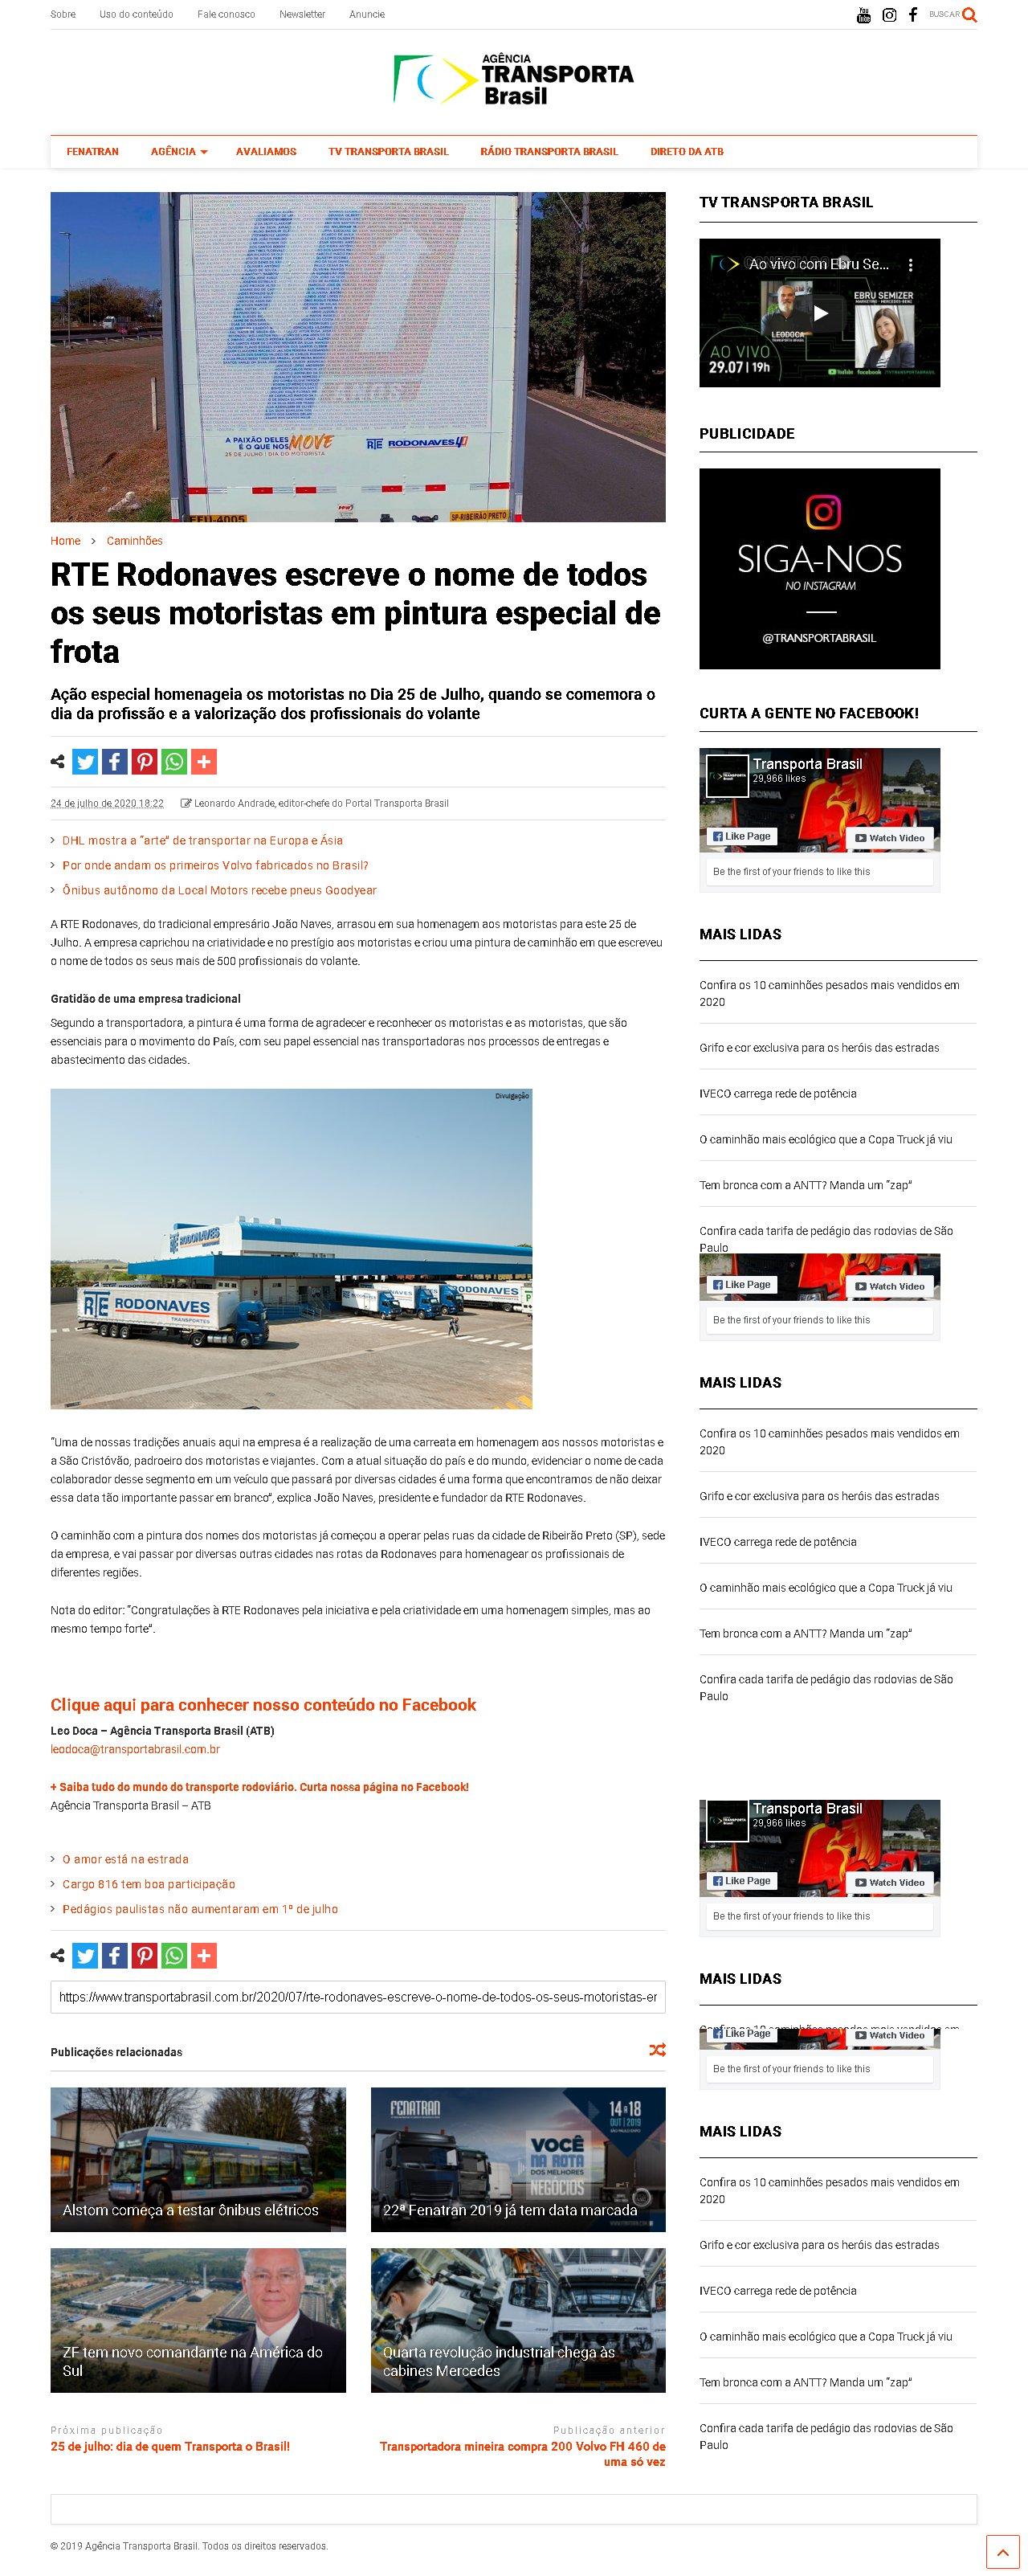 RTE - Transporta Brasil